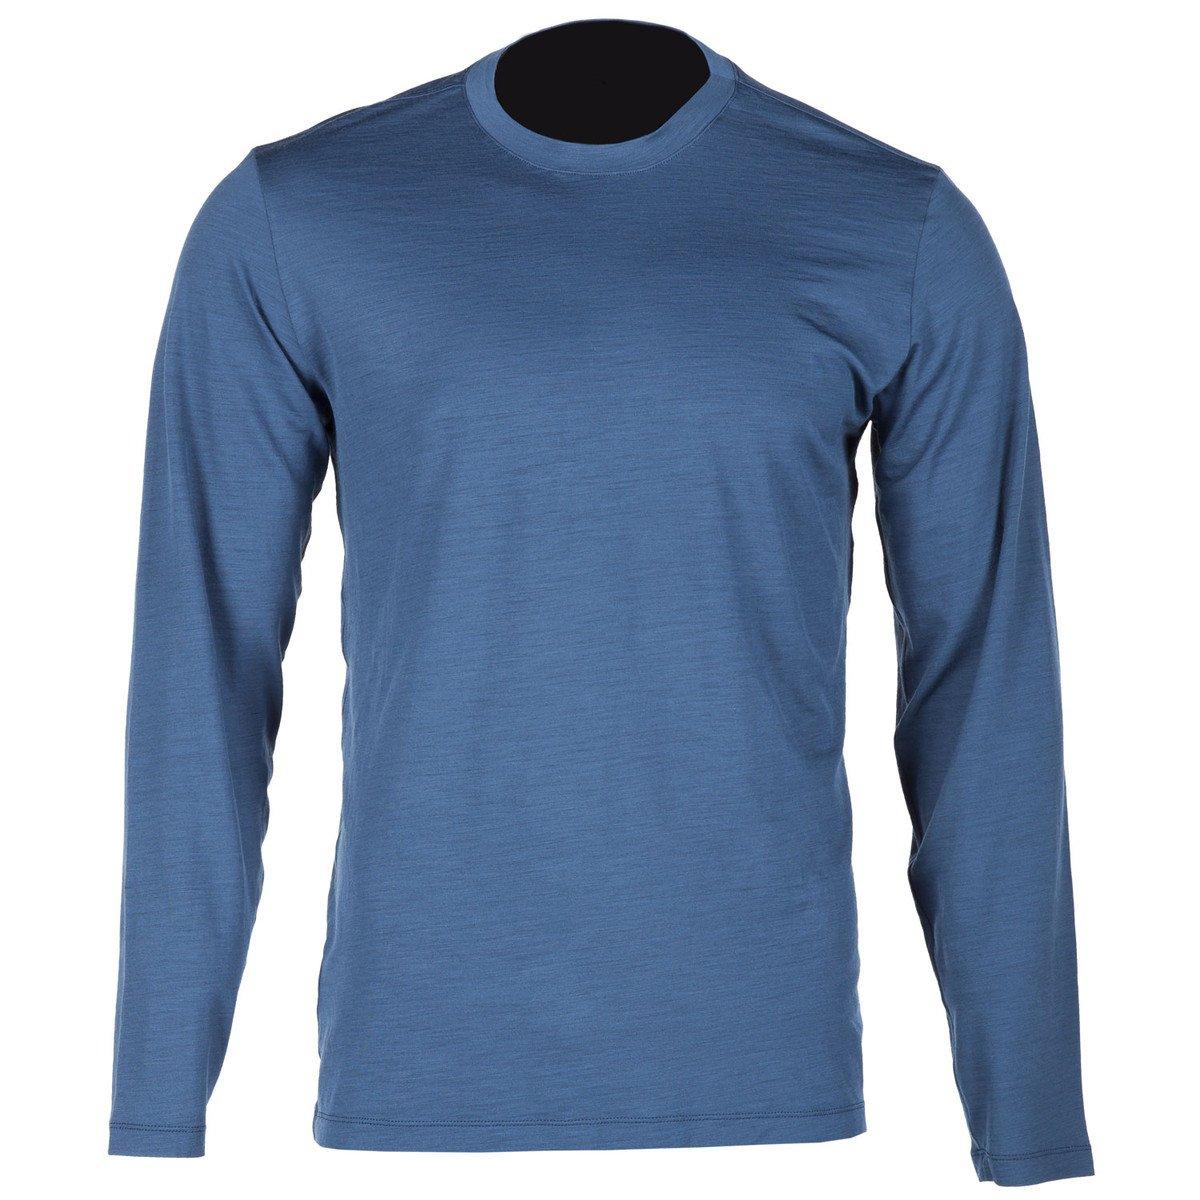 Klim Teton Merino Wool LS Shirt - Blue/3X-Large